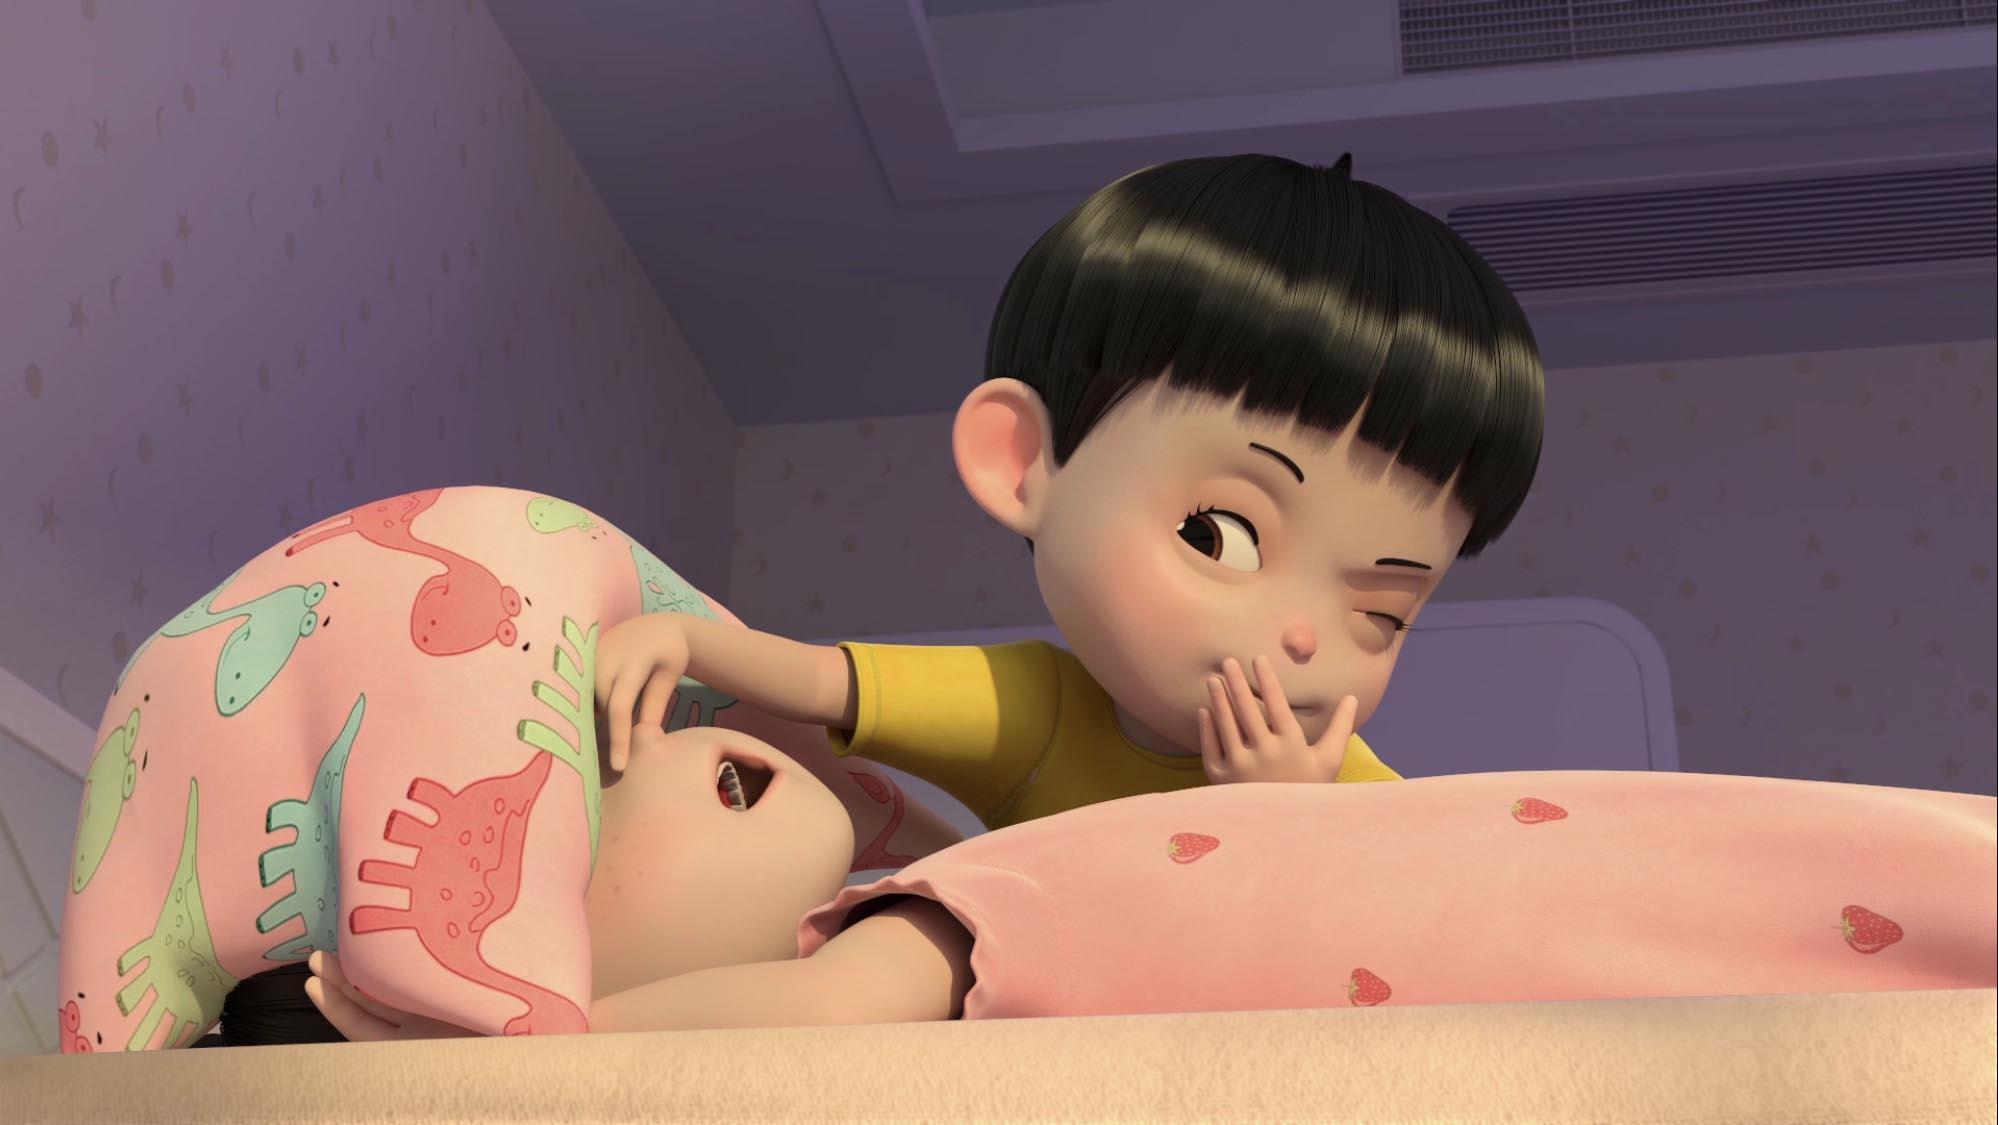 原创动画《23号牛乃唐》首播收视开门红,阳光少女成长记获观众好评